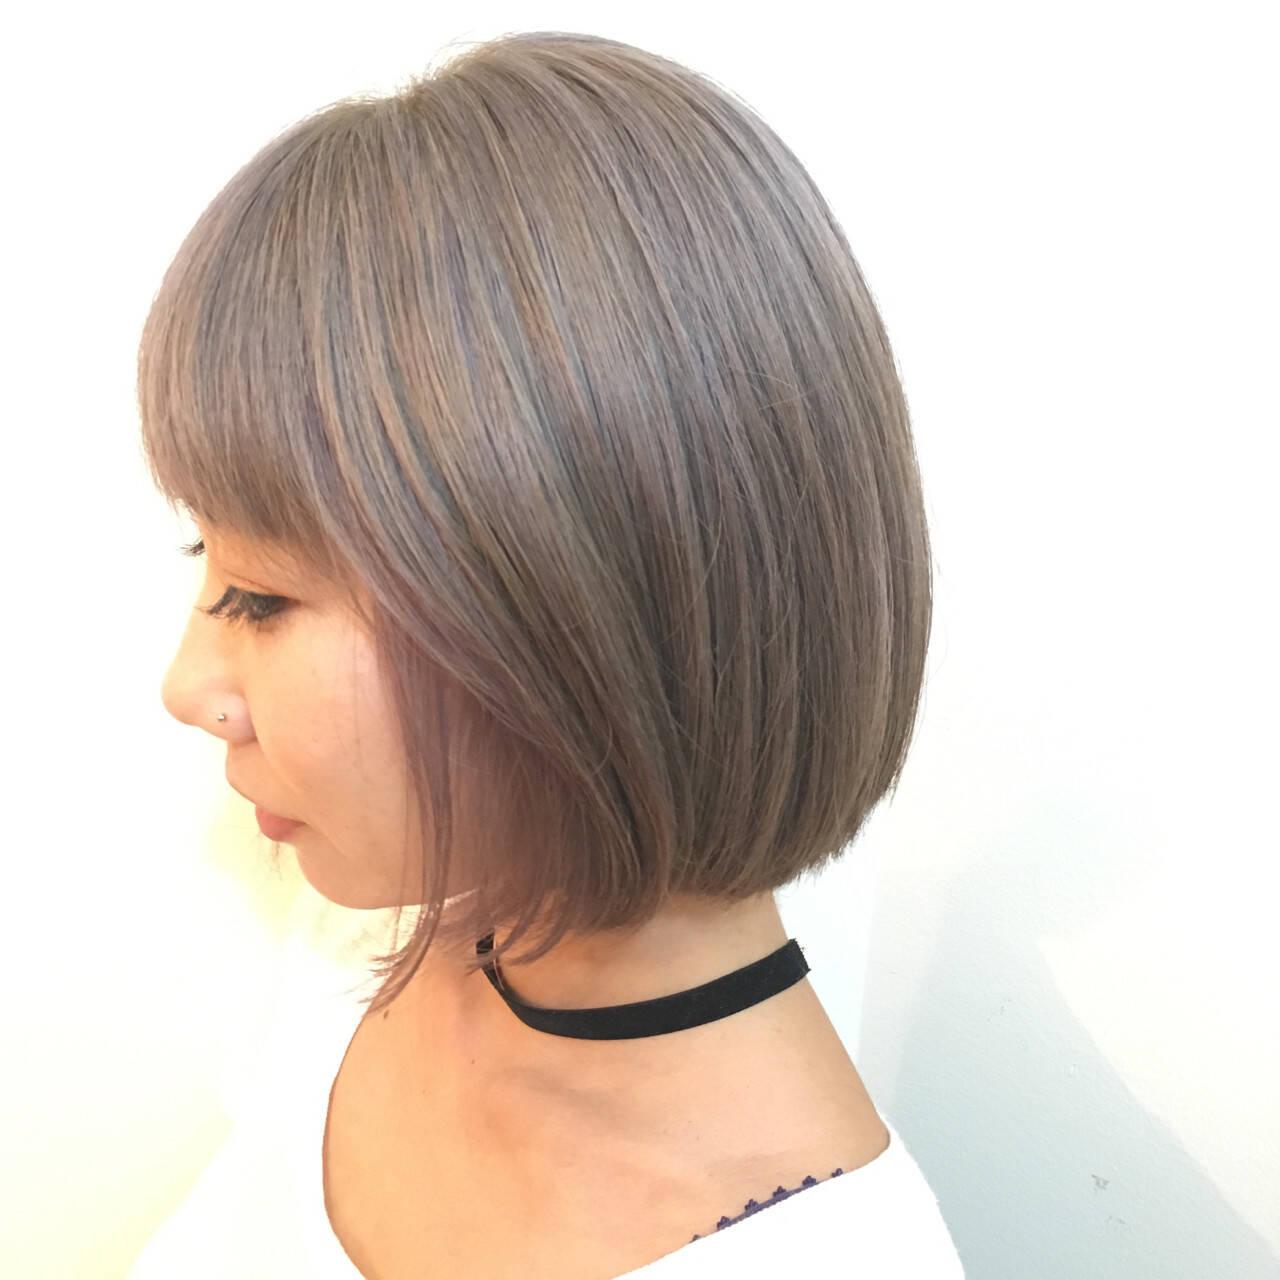 抜け感 グレージュ ボブ モードヘアスタイルや髪型の写真・画像